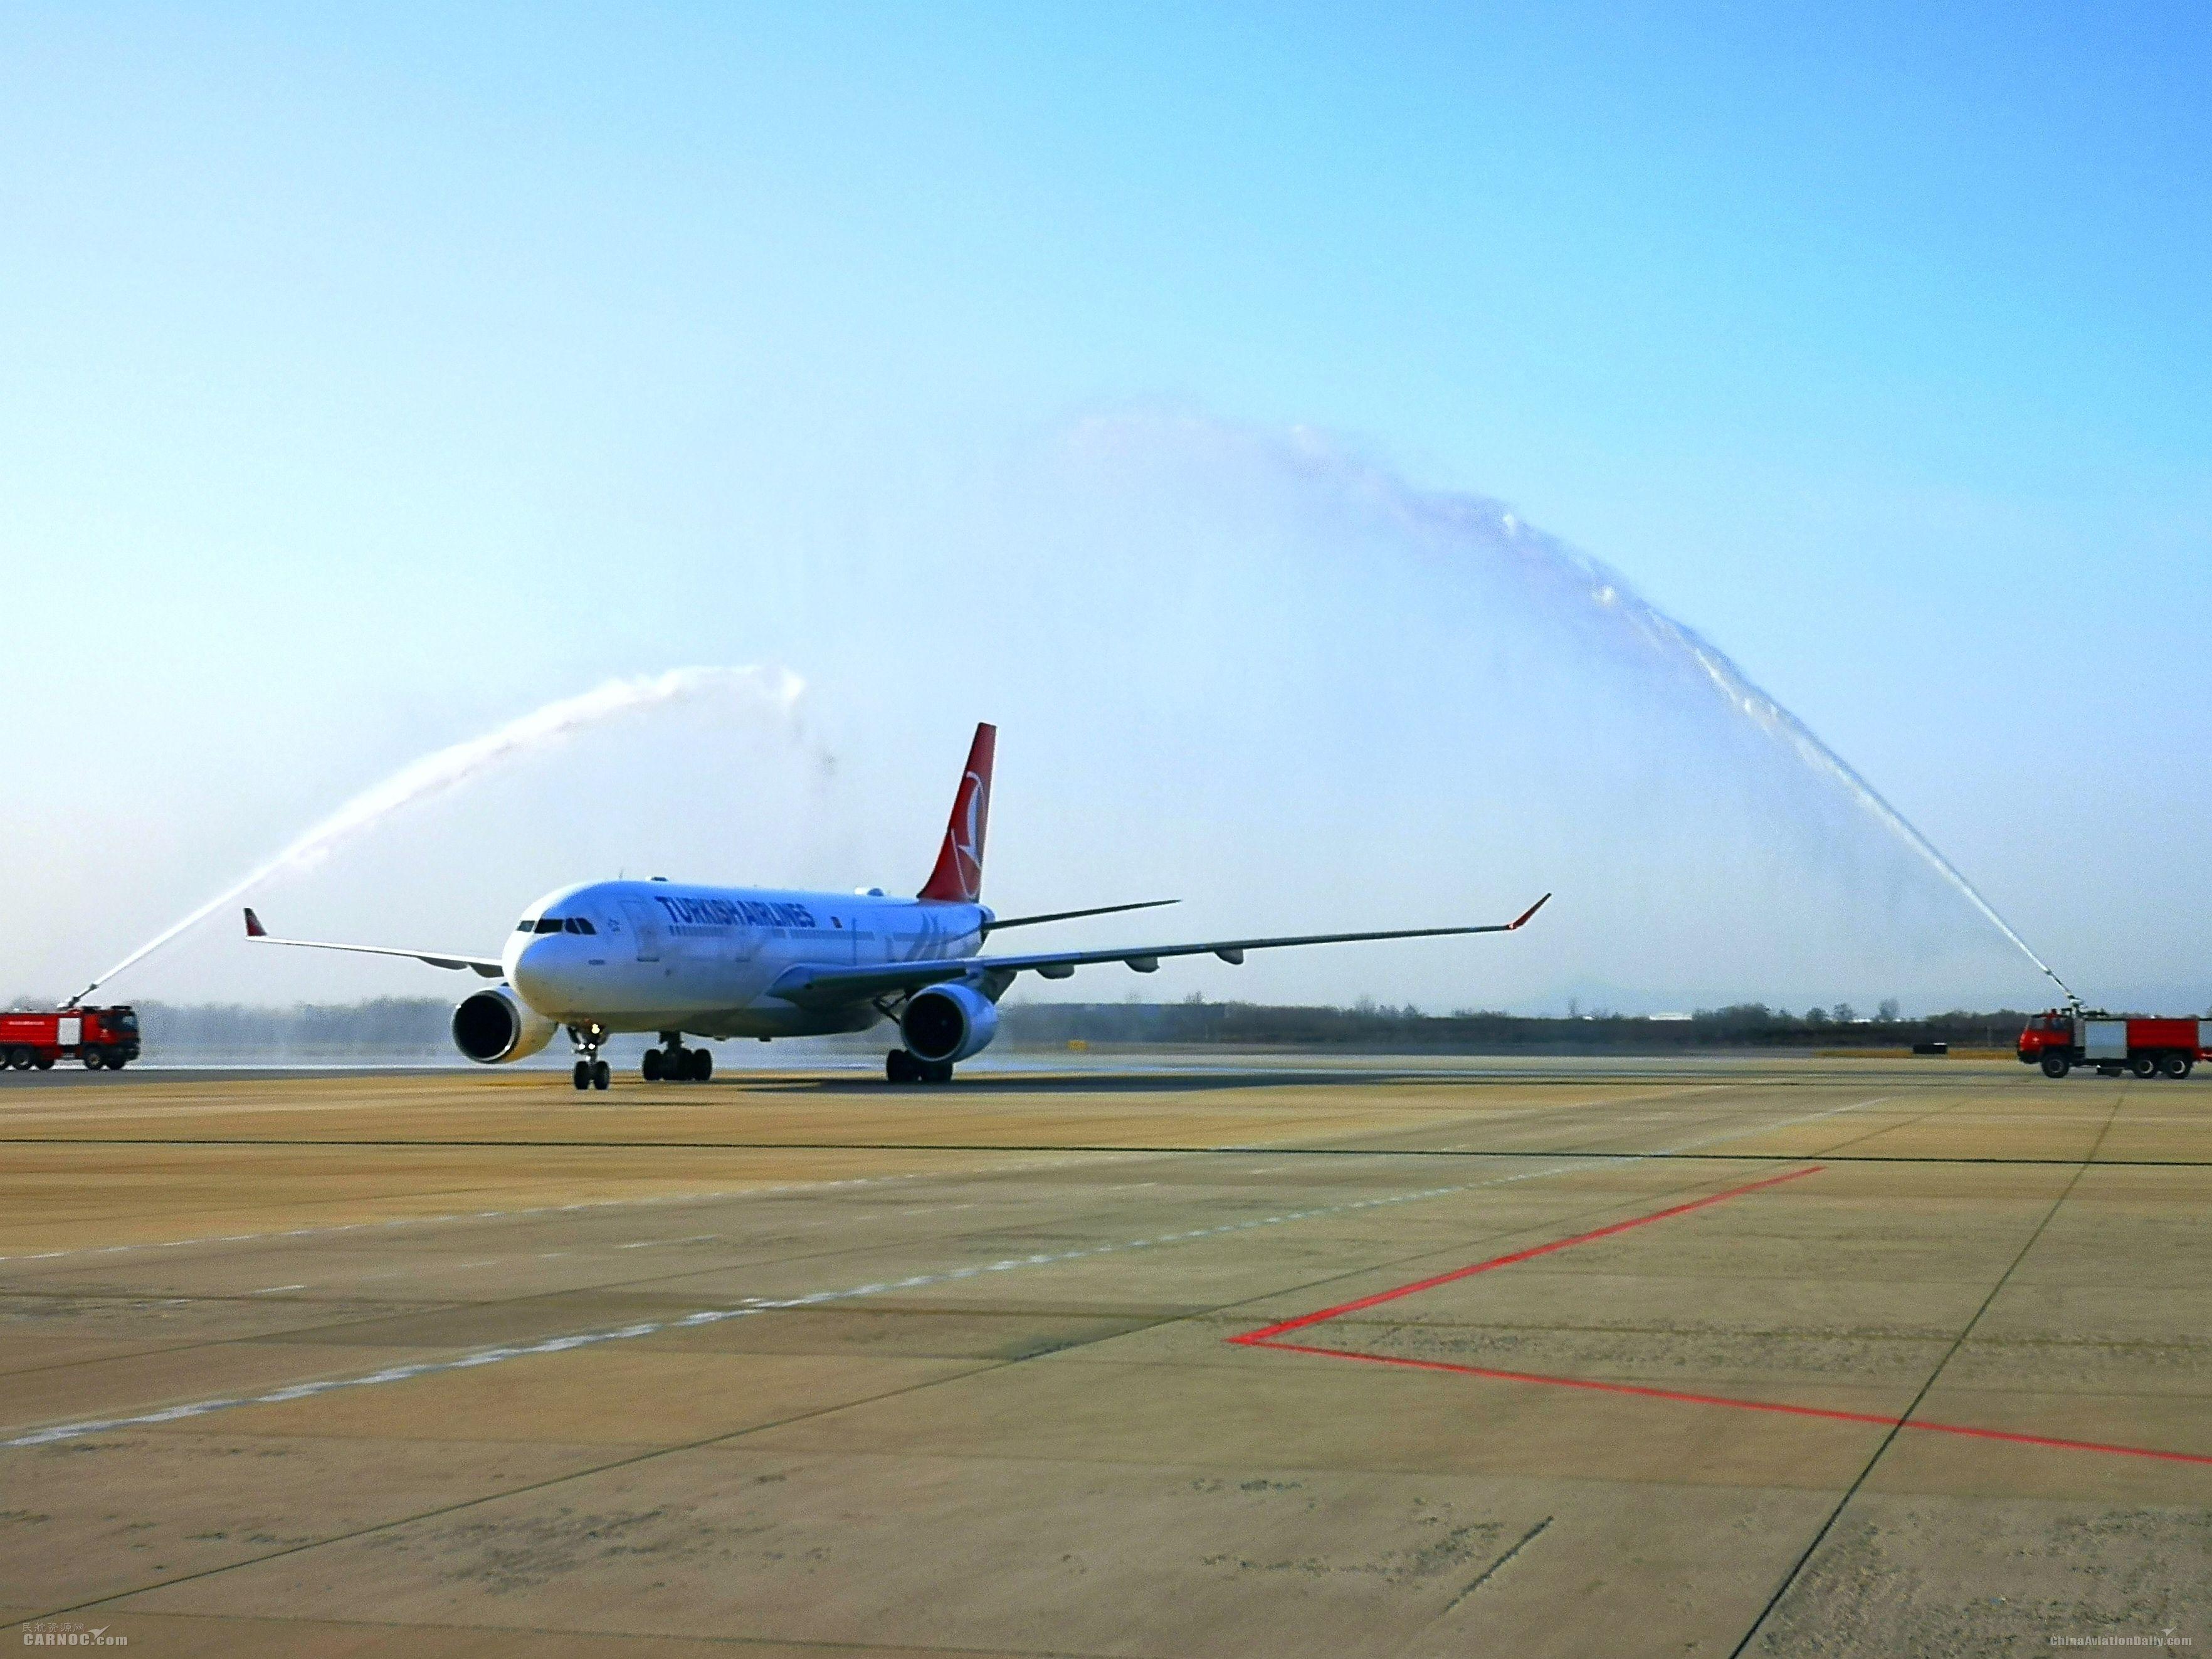 土耳其航空开通西安航线 连接古丝绸之路的起点